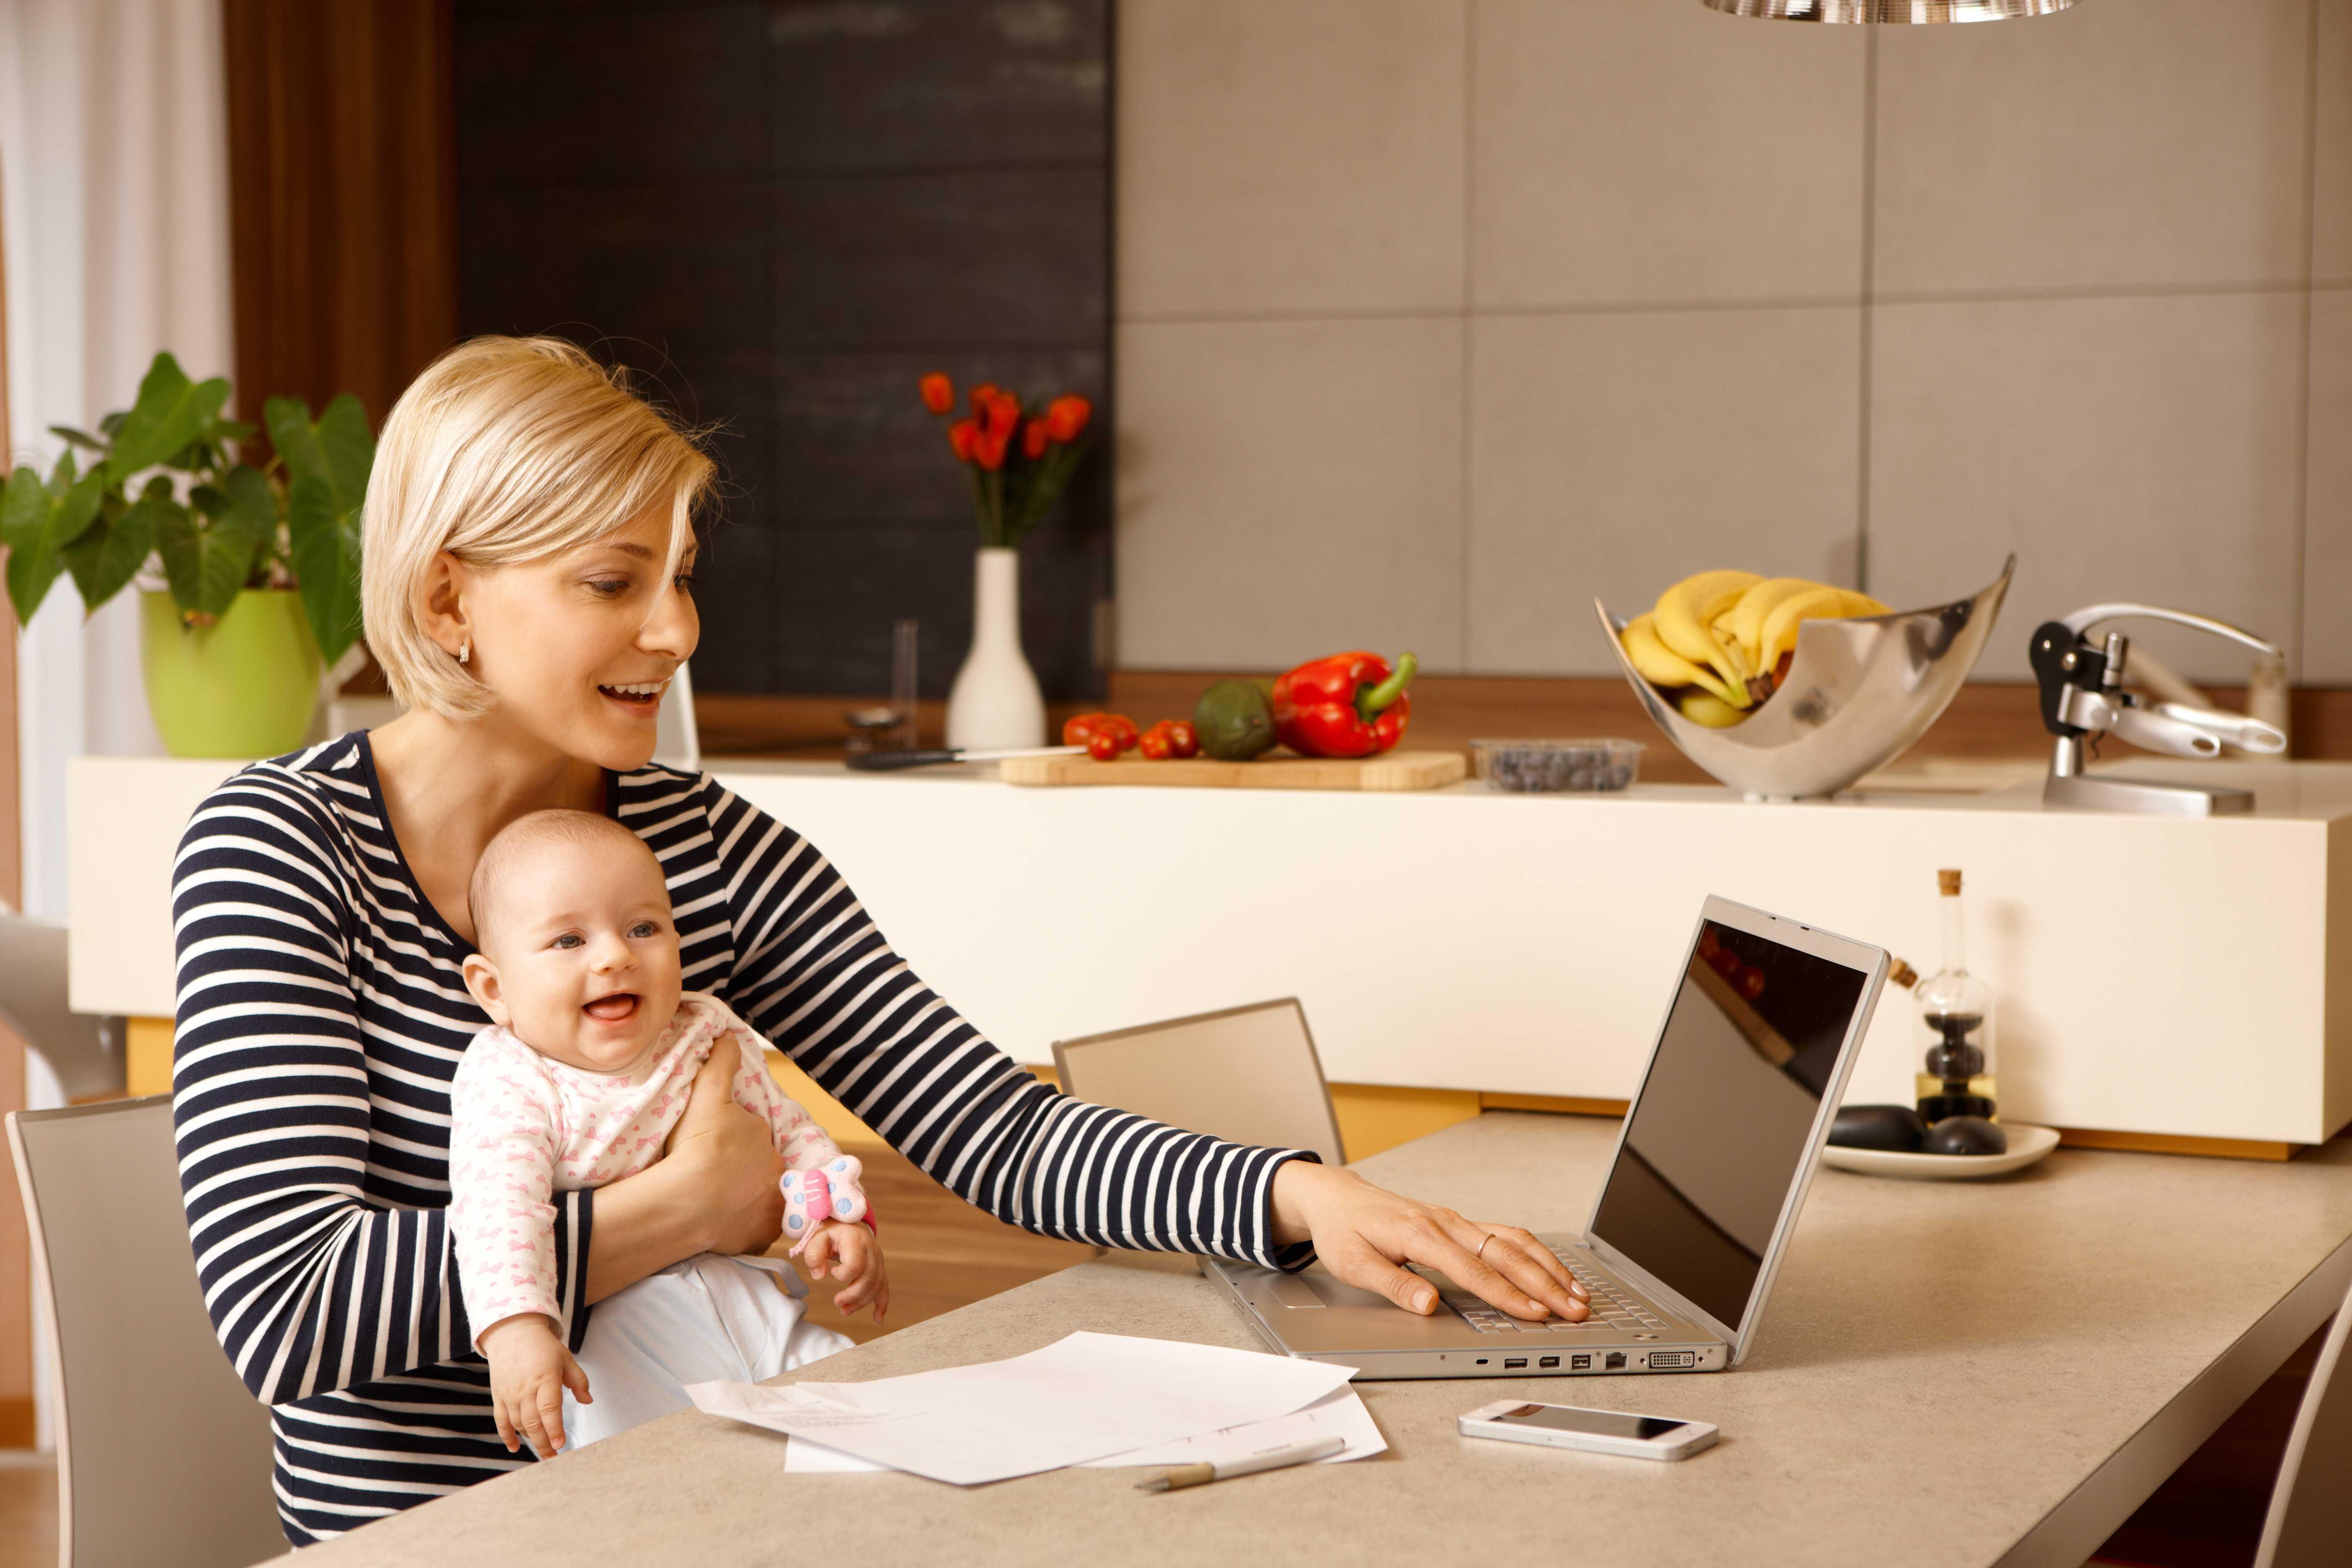 Эмоциональное выгорание мамы в декретном отпуске: причины, симптомы, что делать (советы психолога)